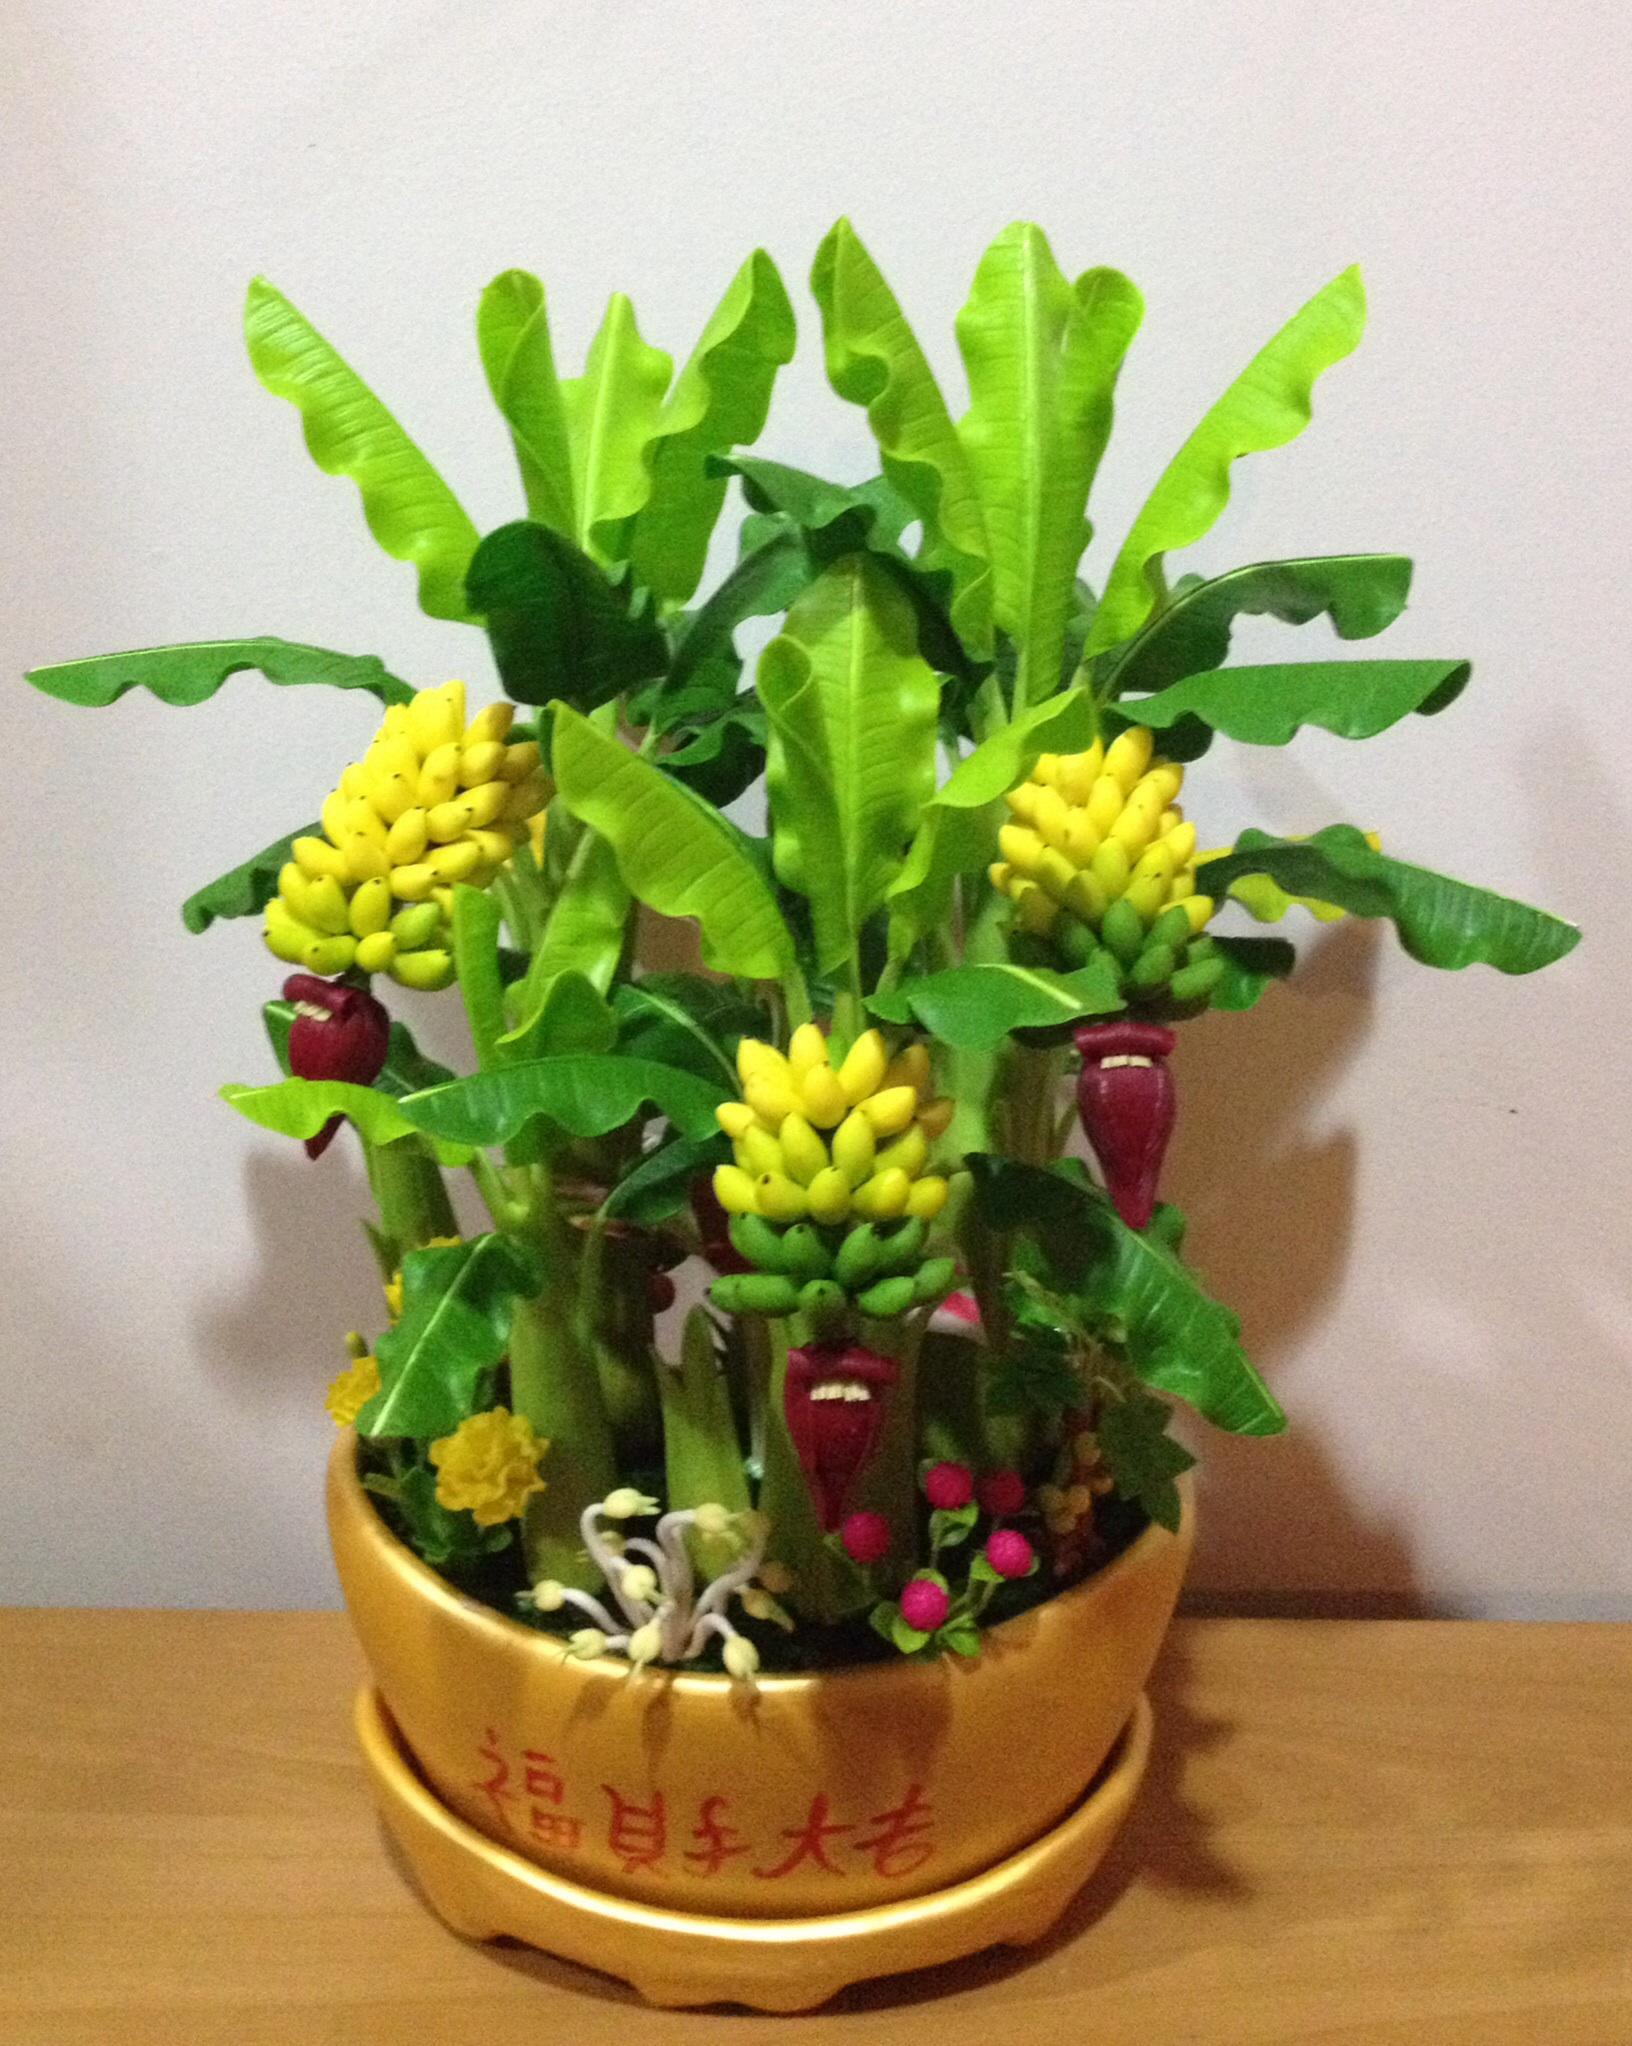 B002-ต้นกล้วย 12 นิ้ว